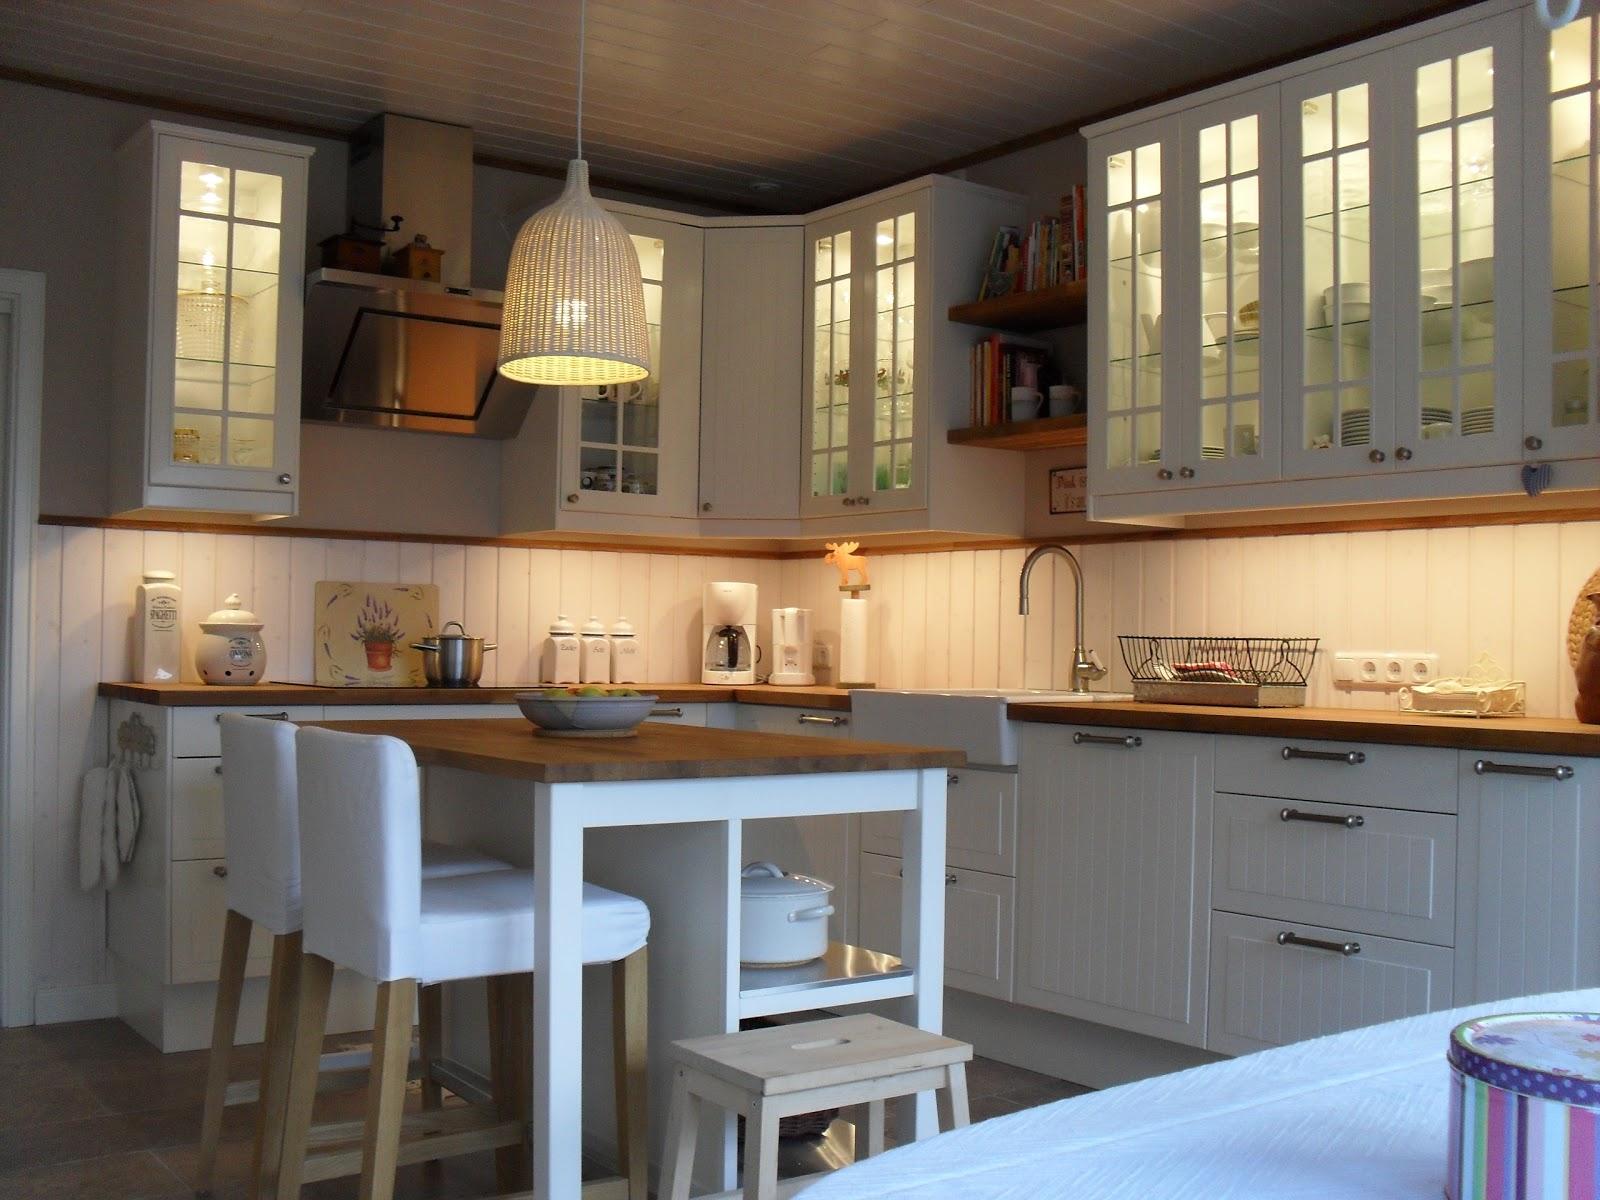 Ikea Bodbyn Küche | Kranzleiste Kuche Pimp Ikea Kuche Kleine Gemutlich Turkis Weiss